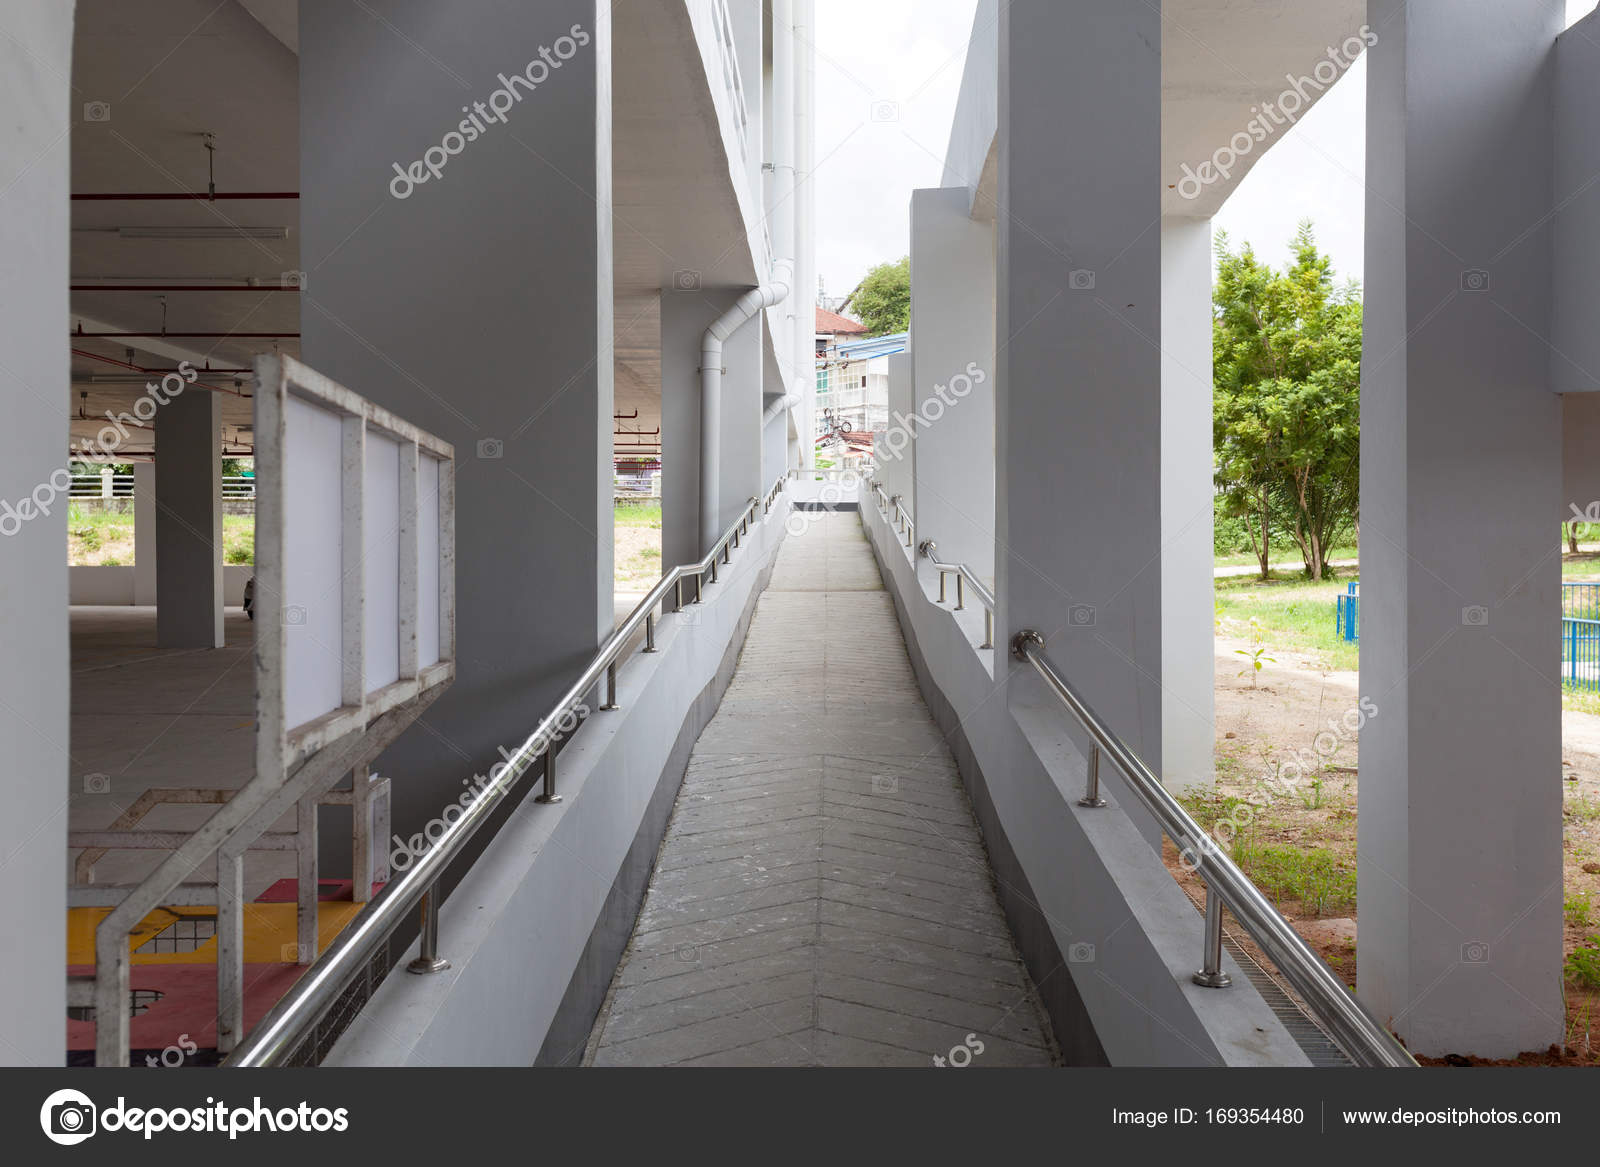 promenade dans un bâtiment industriel moderne — photographie